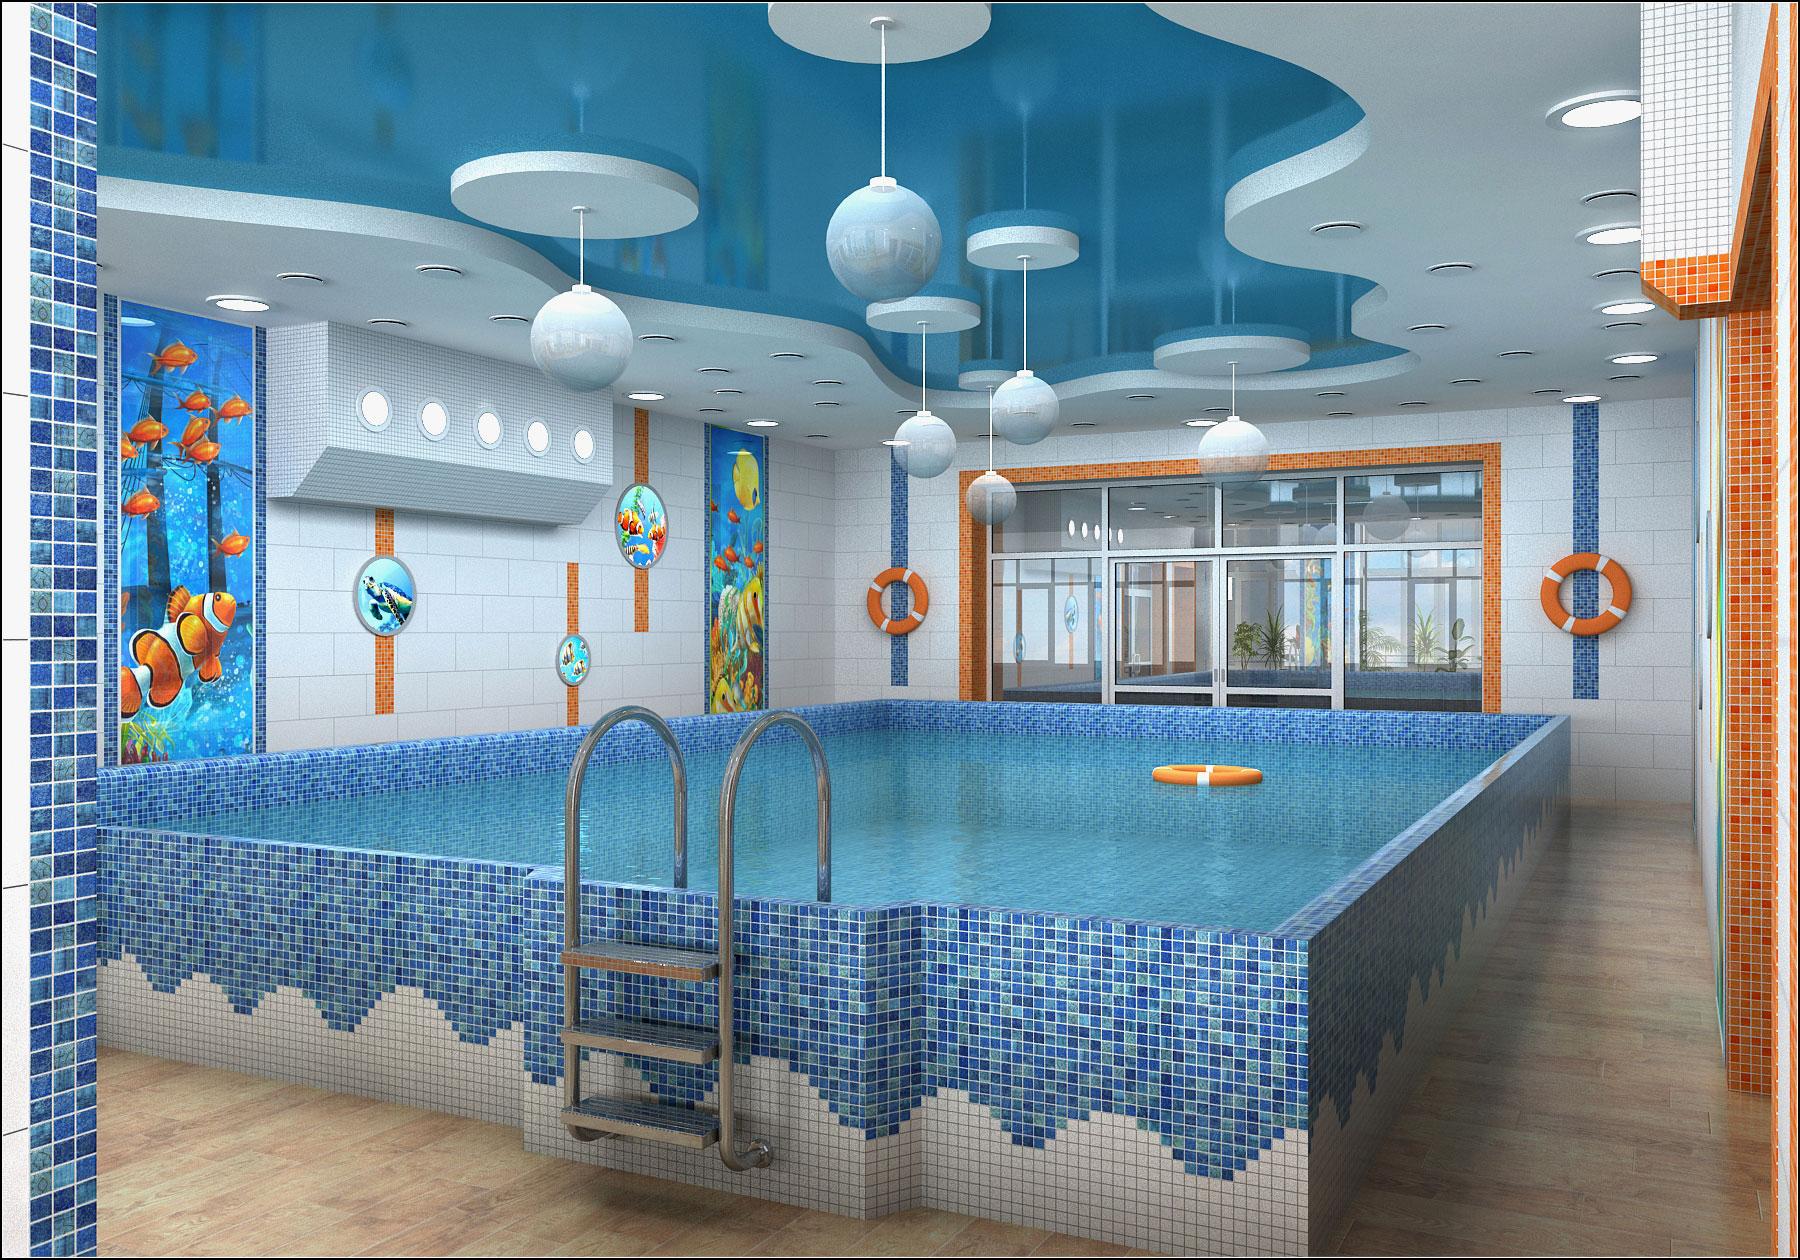 Interior design project for a children's pool in Chernihiv in 3d max vray 1.5 image